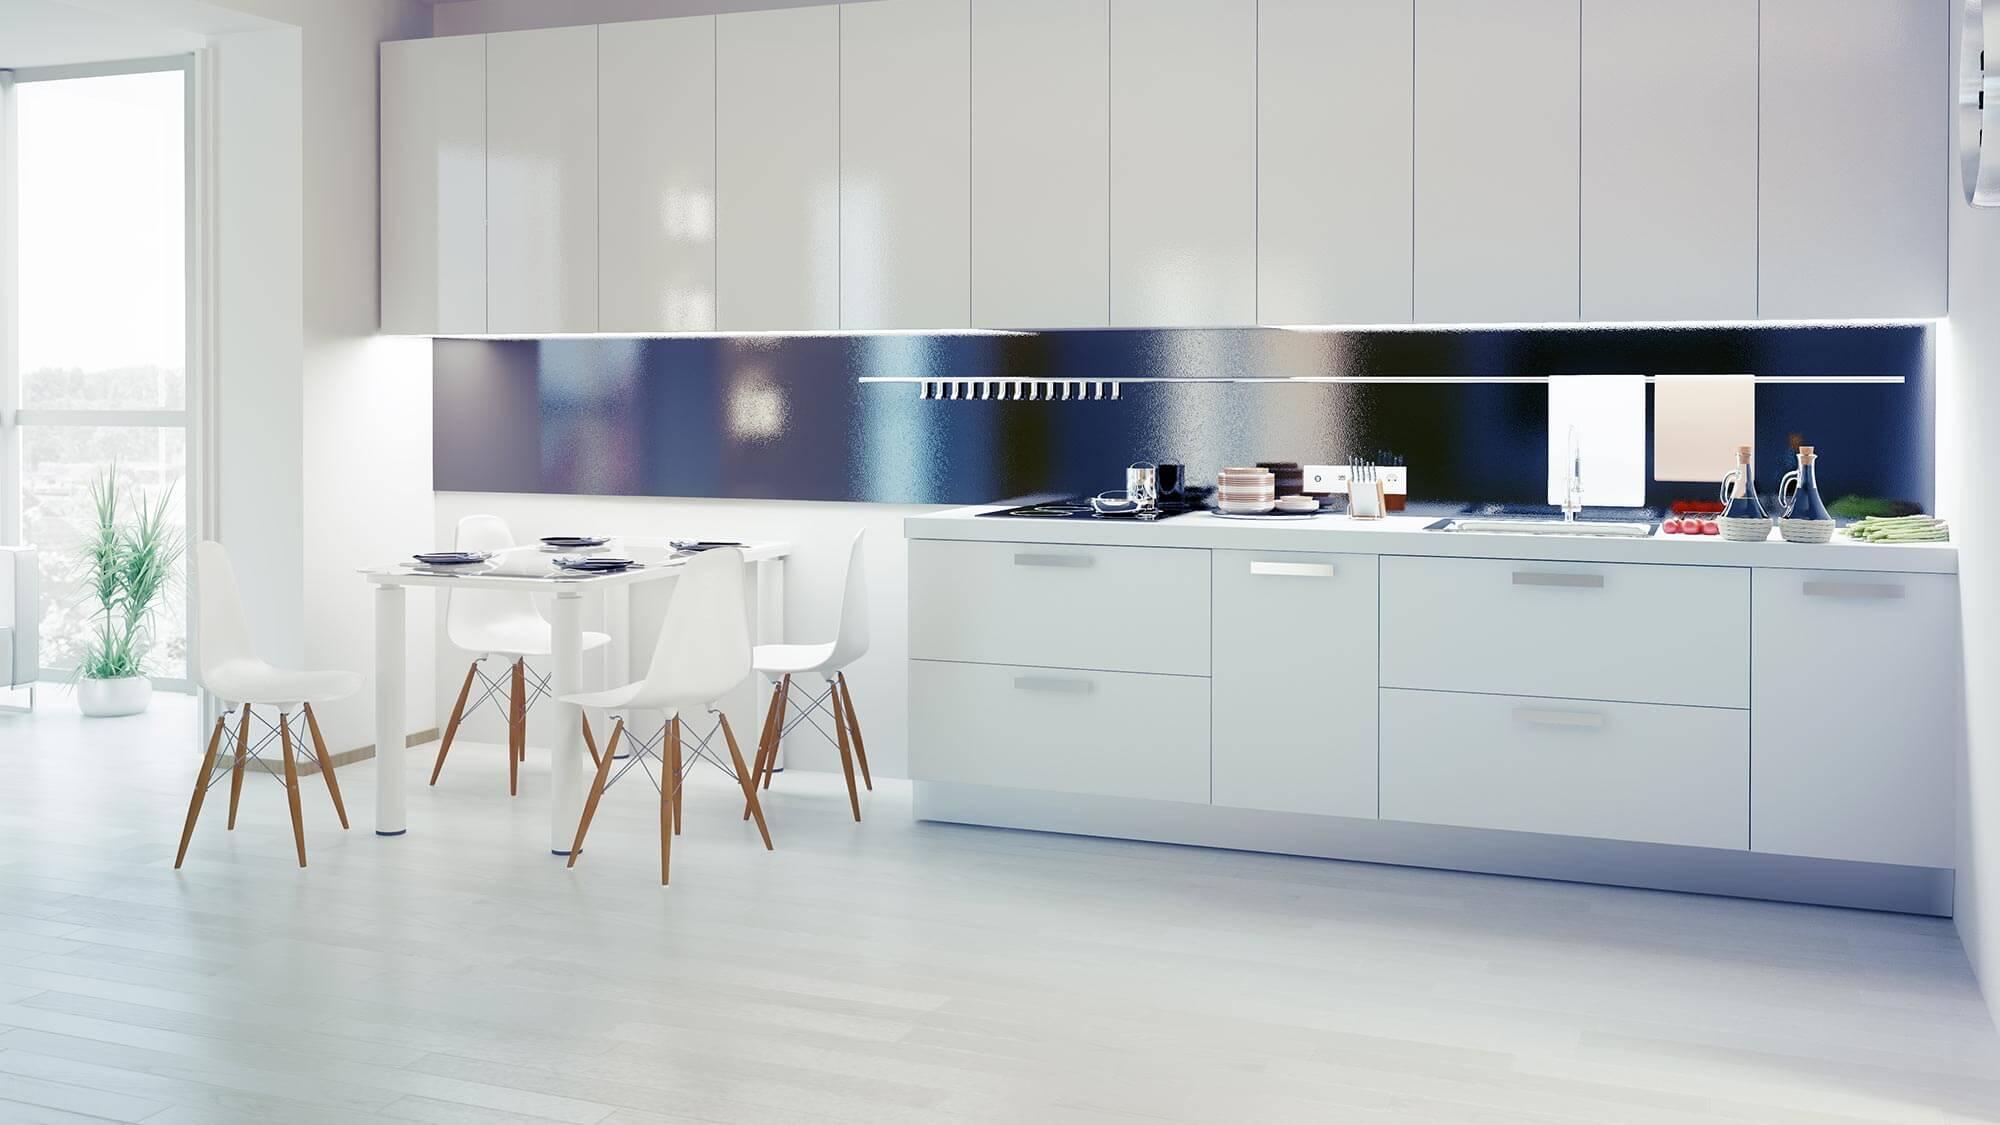 Siemens Kühlschrank Wasser Unter Gemüsefach : Wasser im kühlschrank ursachen einfach beheben ao.de